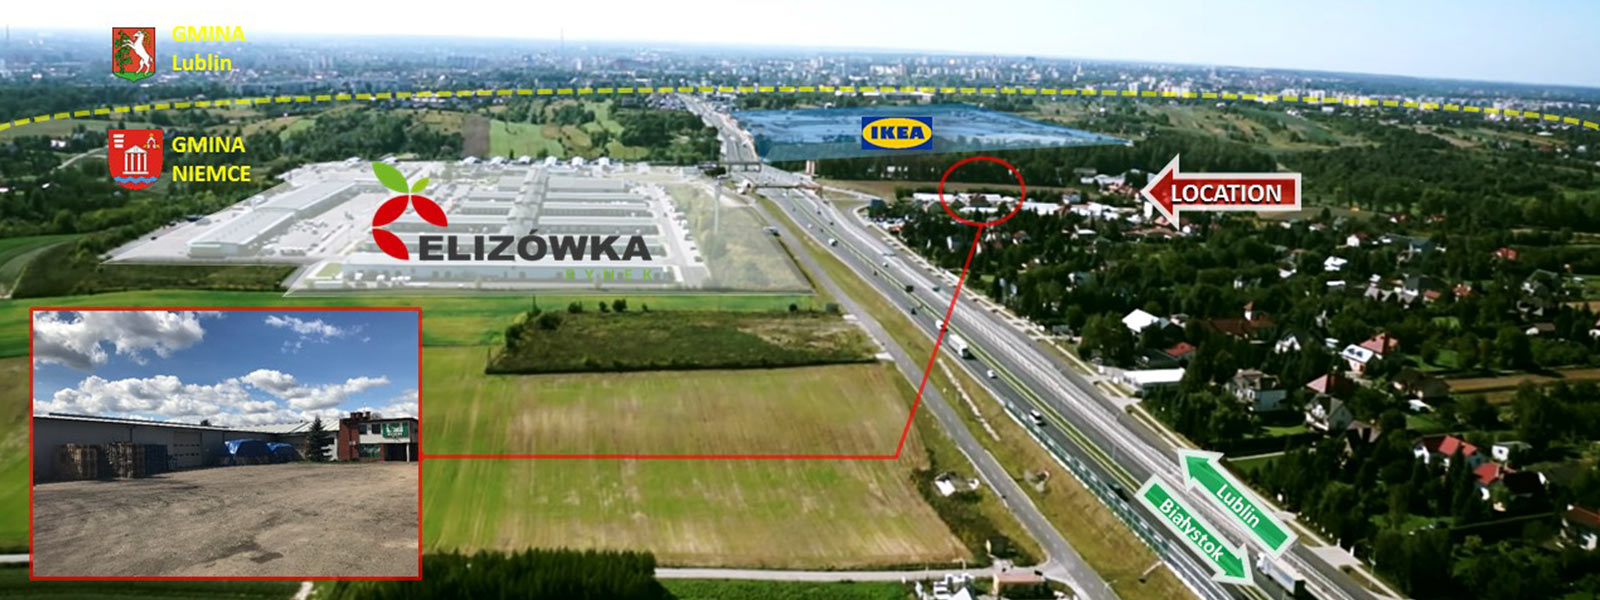 Elizówka gmina Niemce   - TNGS Tomasz Karman - Biuro Obsługi Inwestora - Lublin